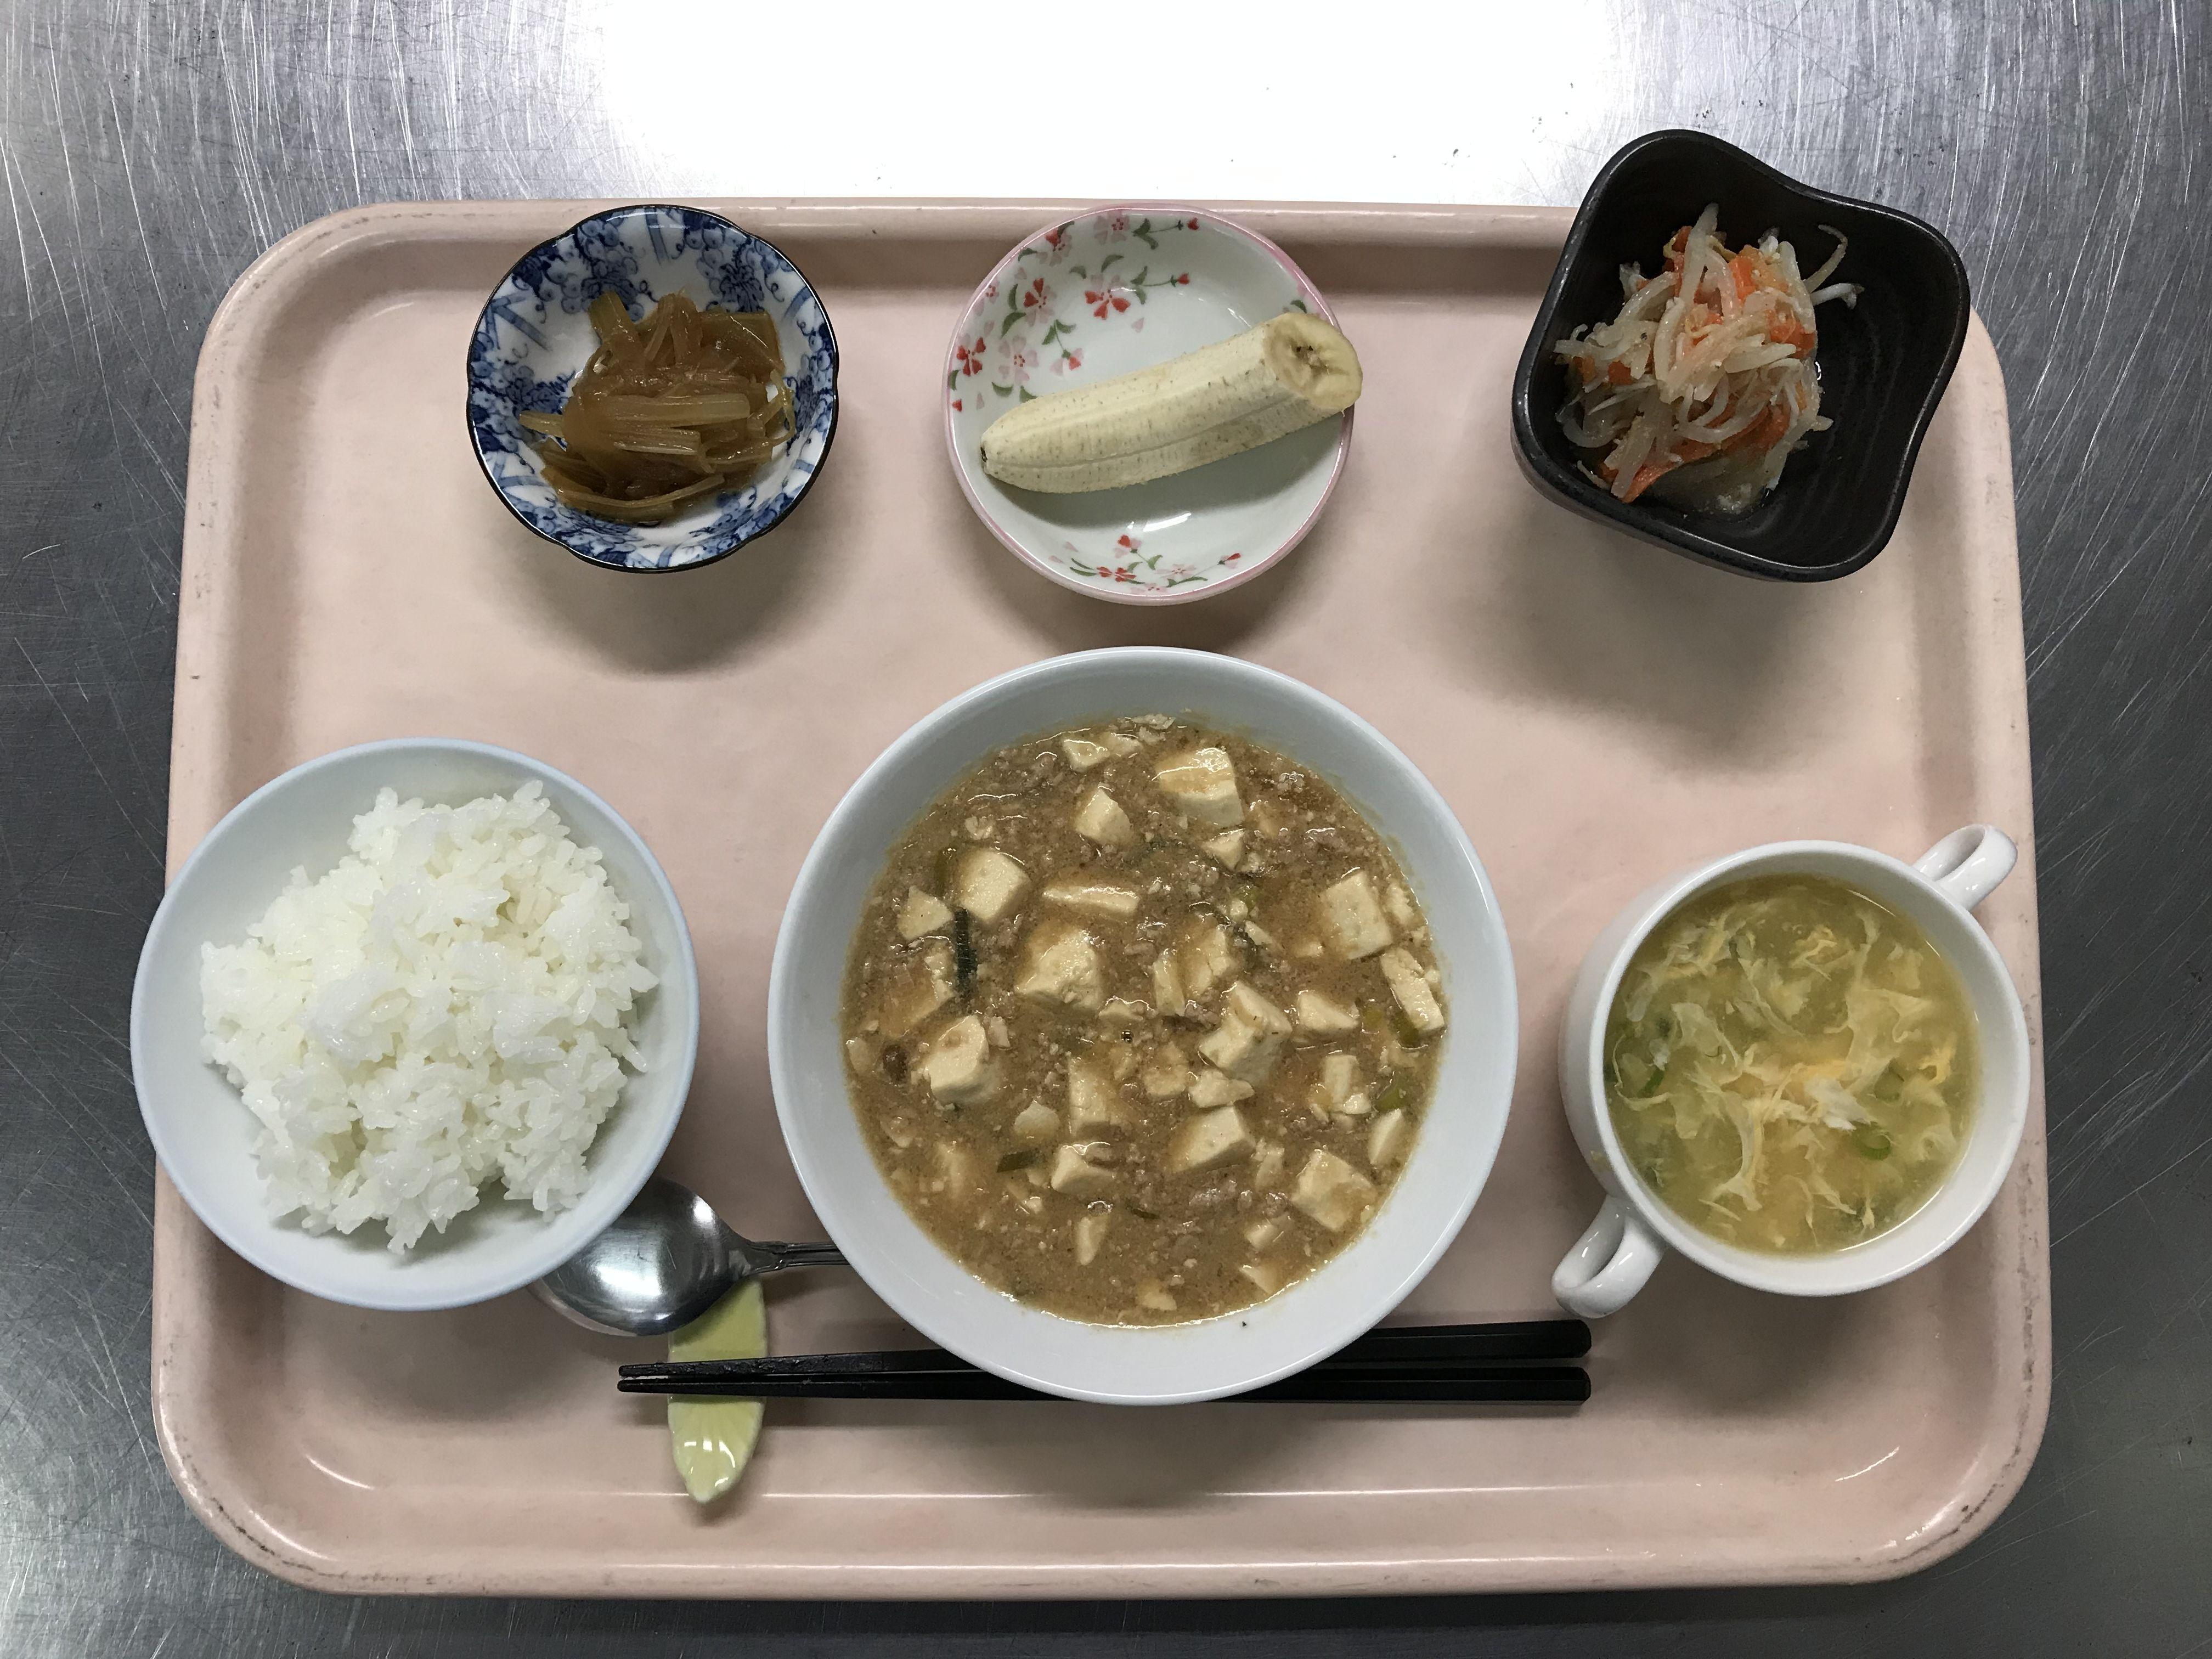 2月18日。麻婆豆腐、きんぴらセロリ、人参ともやしのナムル、コーンの中華スープ、バナナでした!麻婆豆腐が特に美味しかったです!615カロリーです